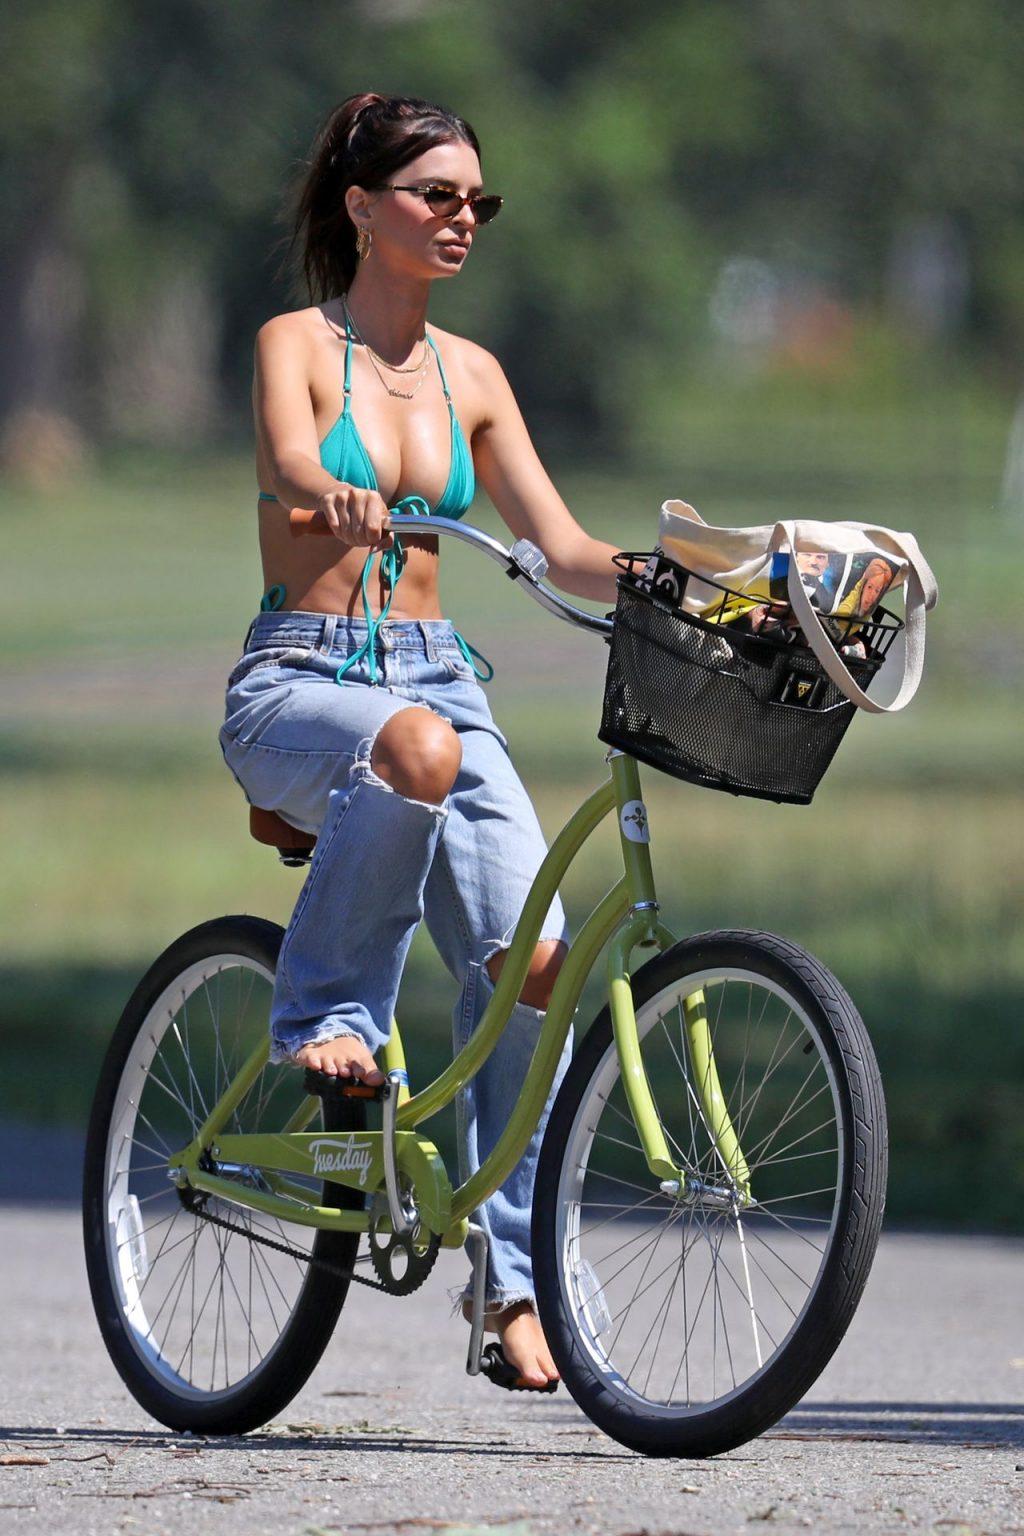 Emily Ratajkowski Rides Her Bike to the Beach in The Hamptons (38 Photos)